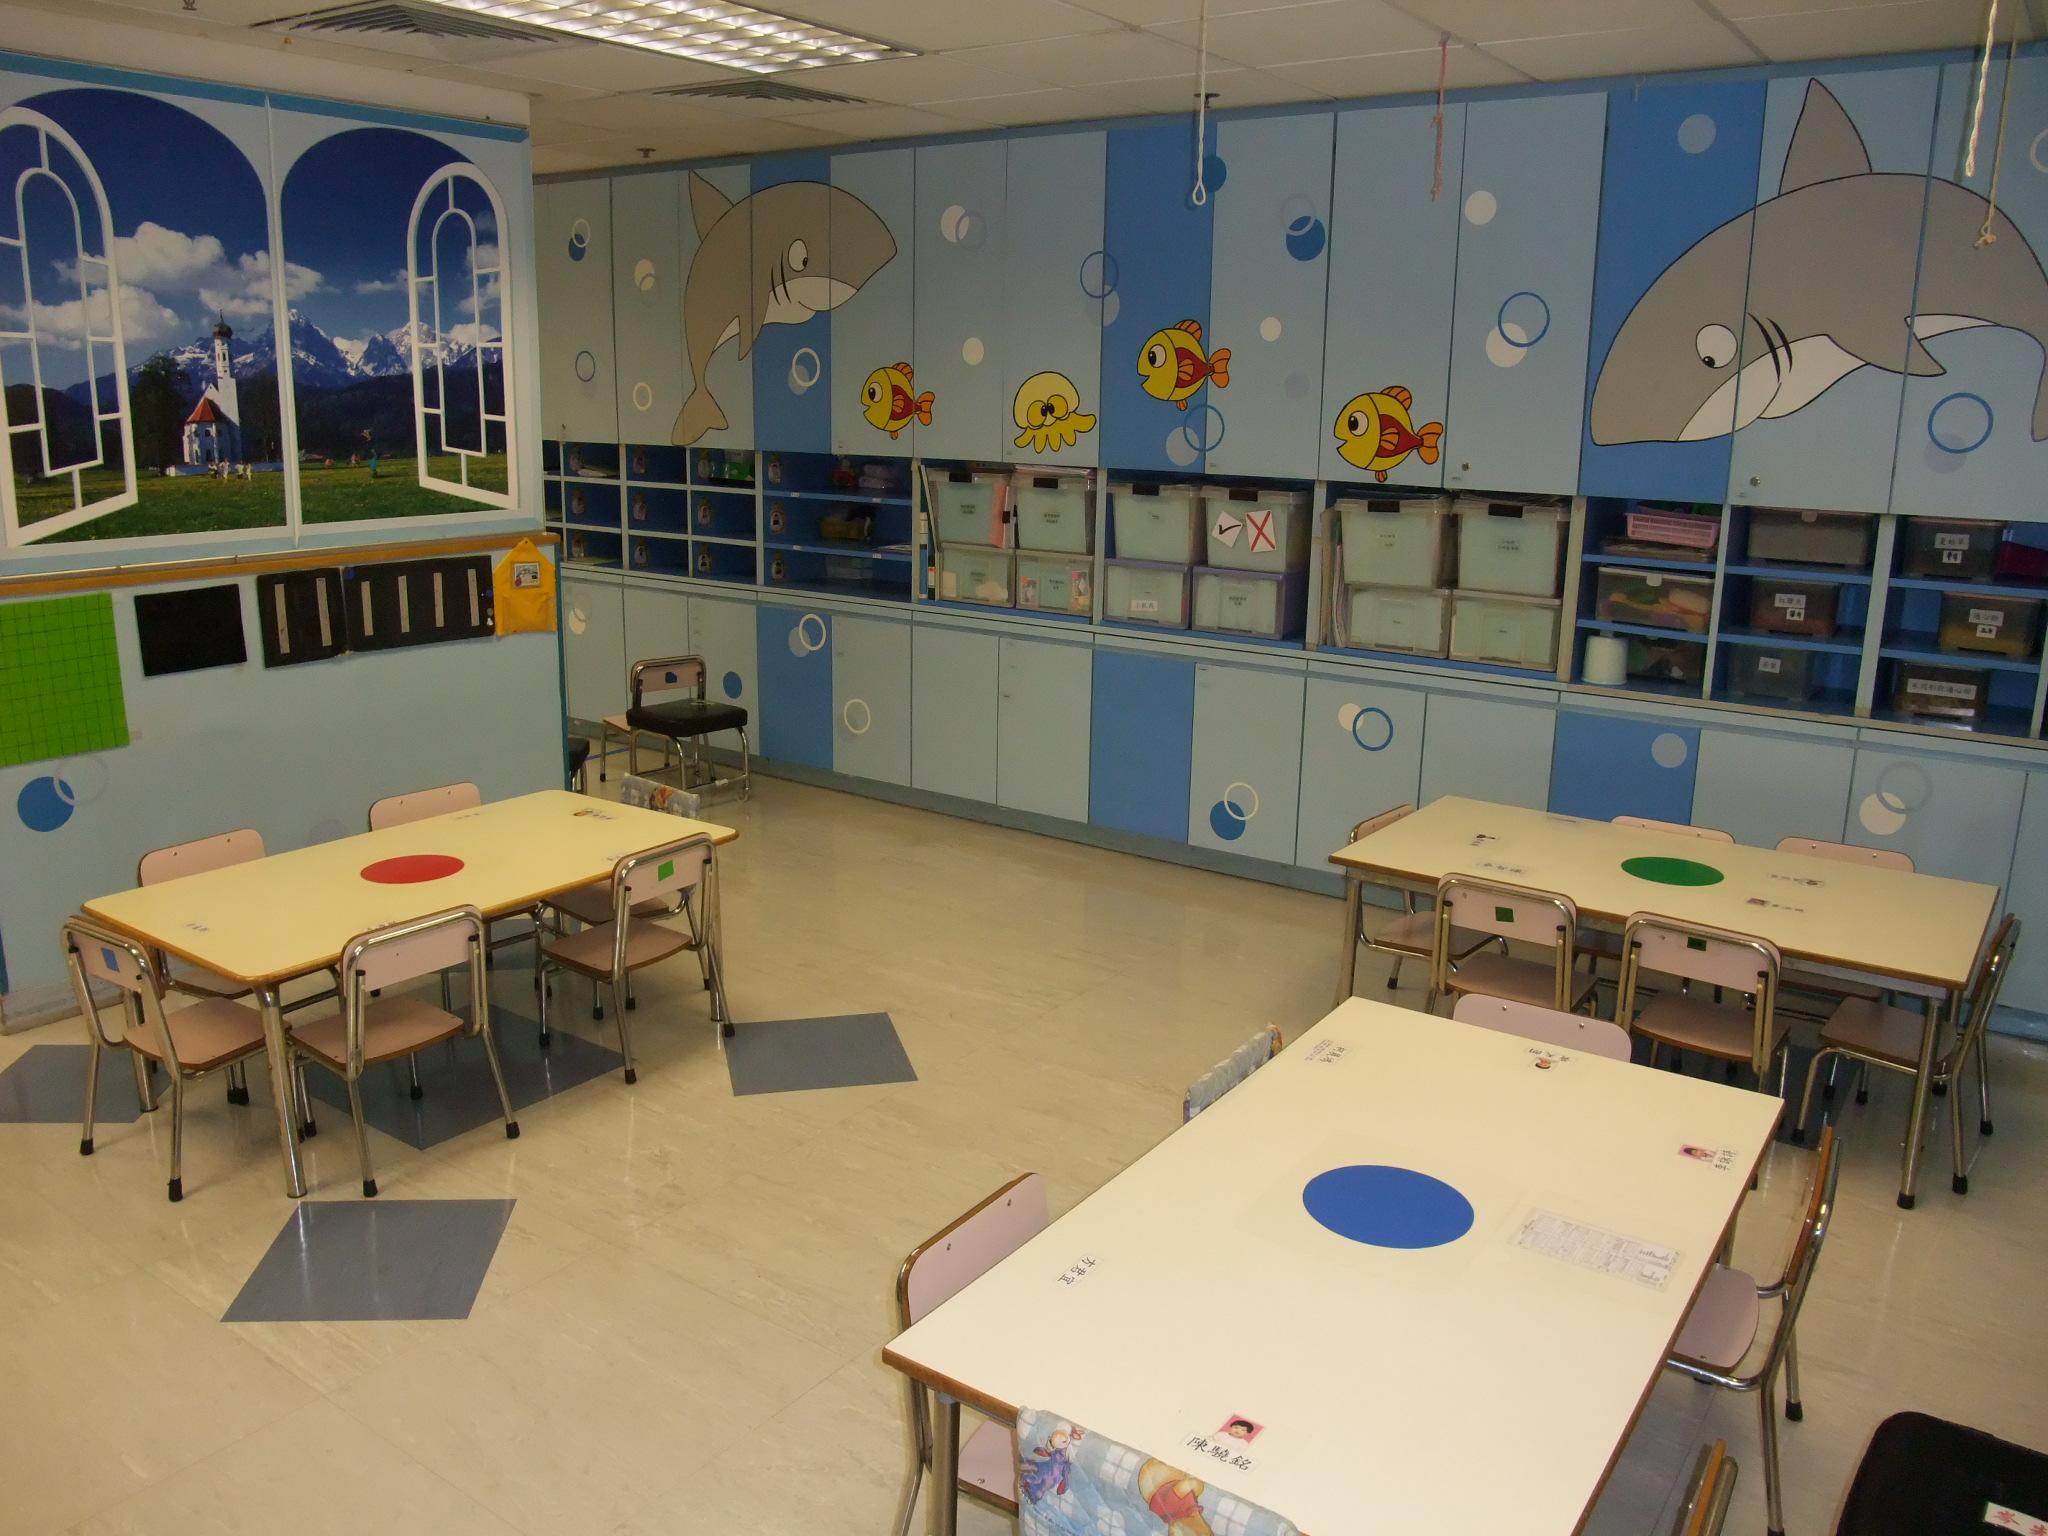 課室設有不同特色的佈置主題,此仍以海洋為主題的課室